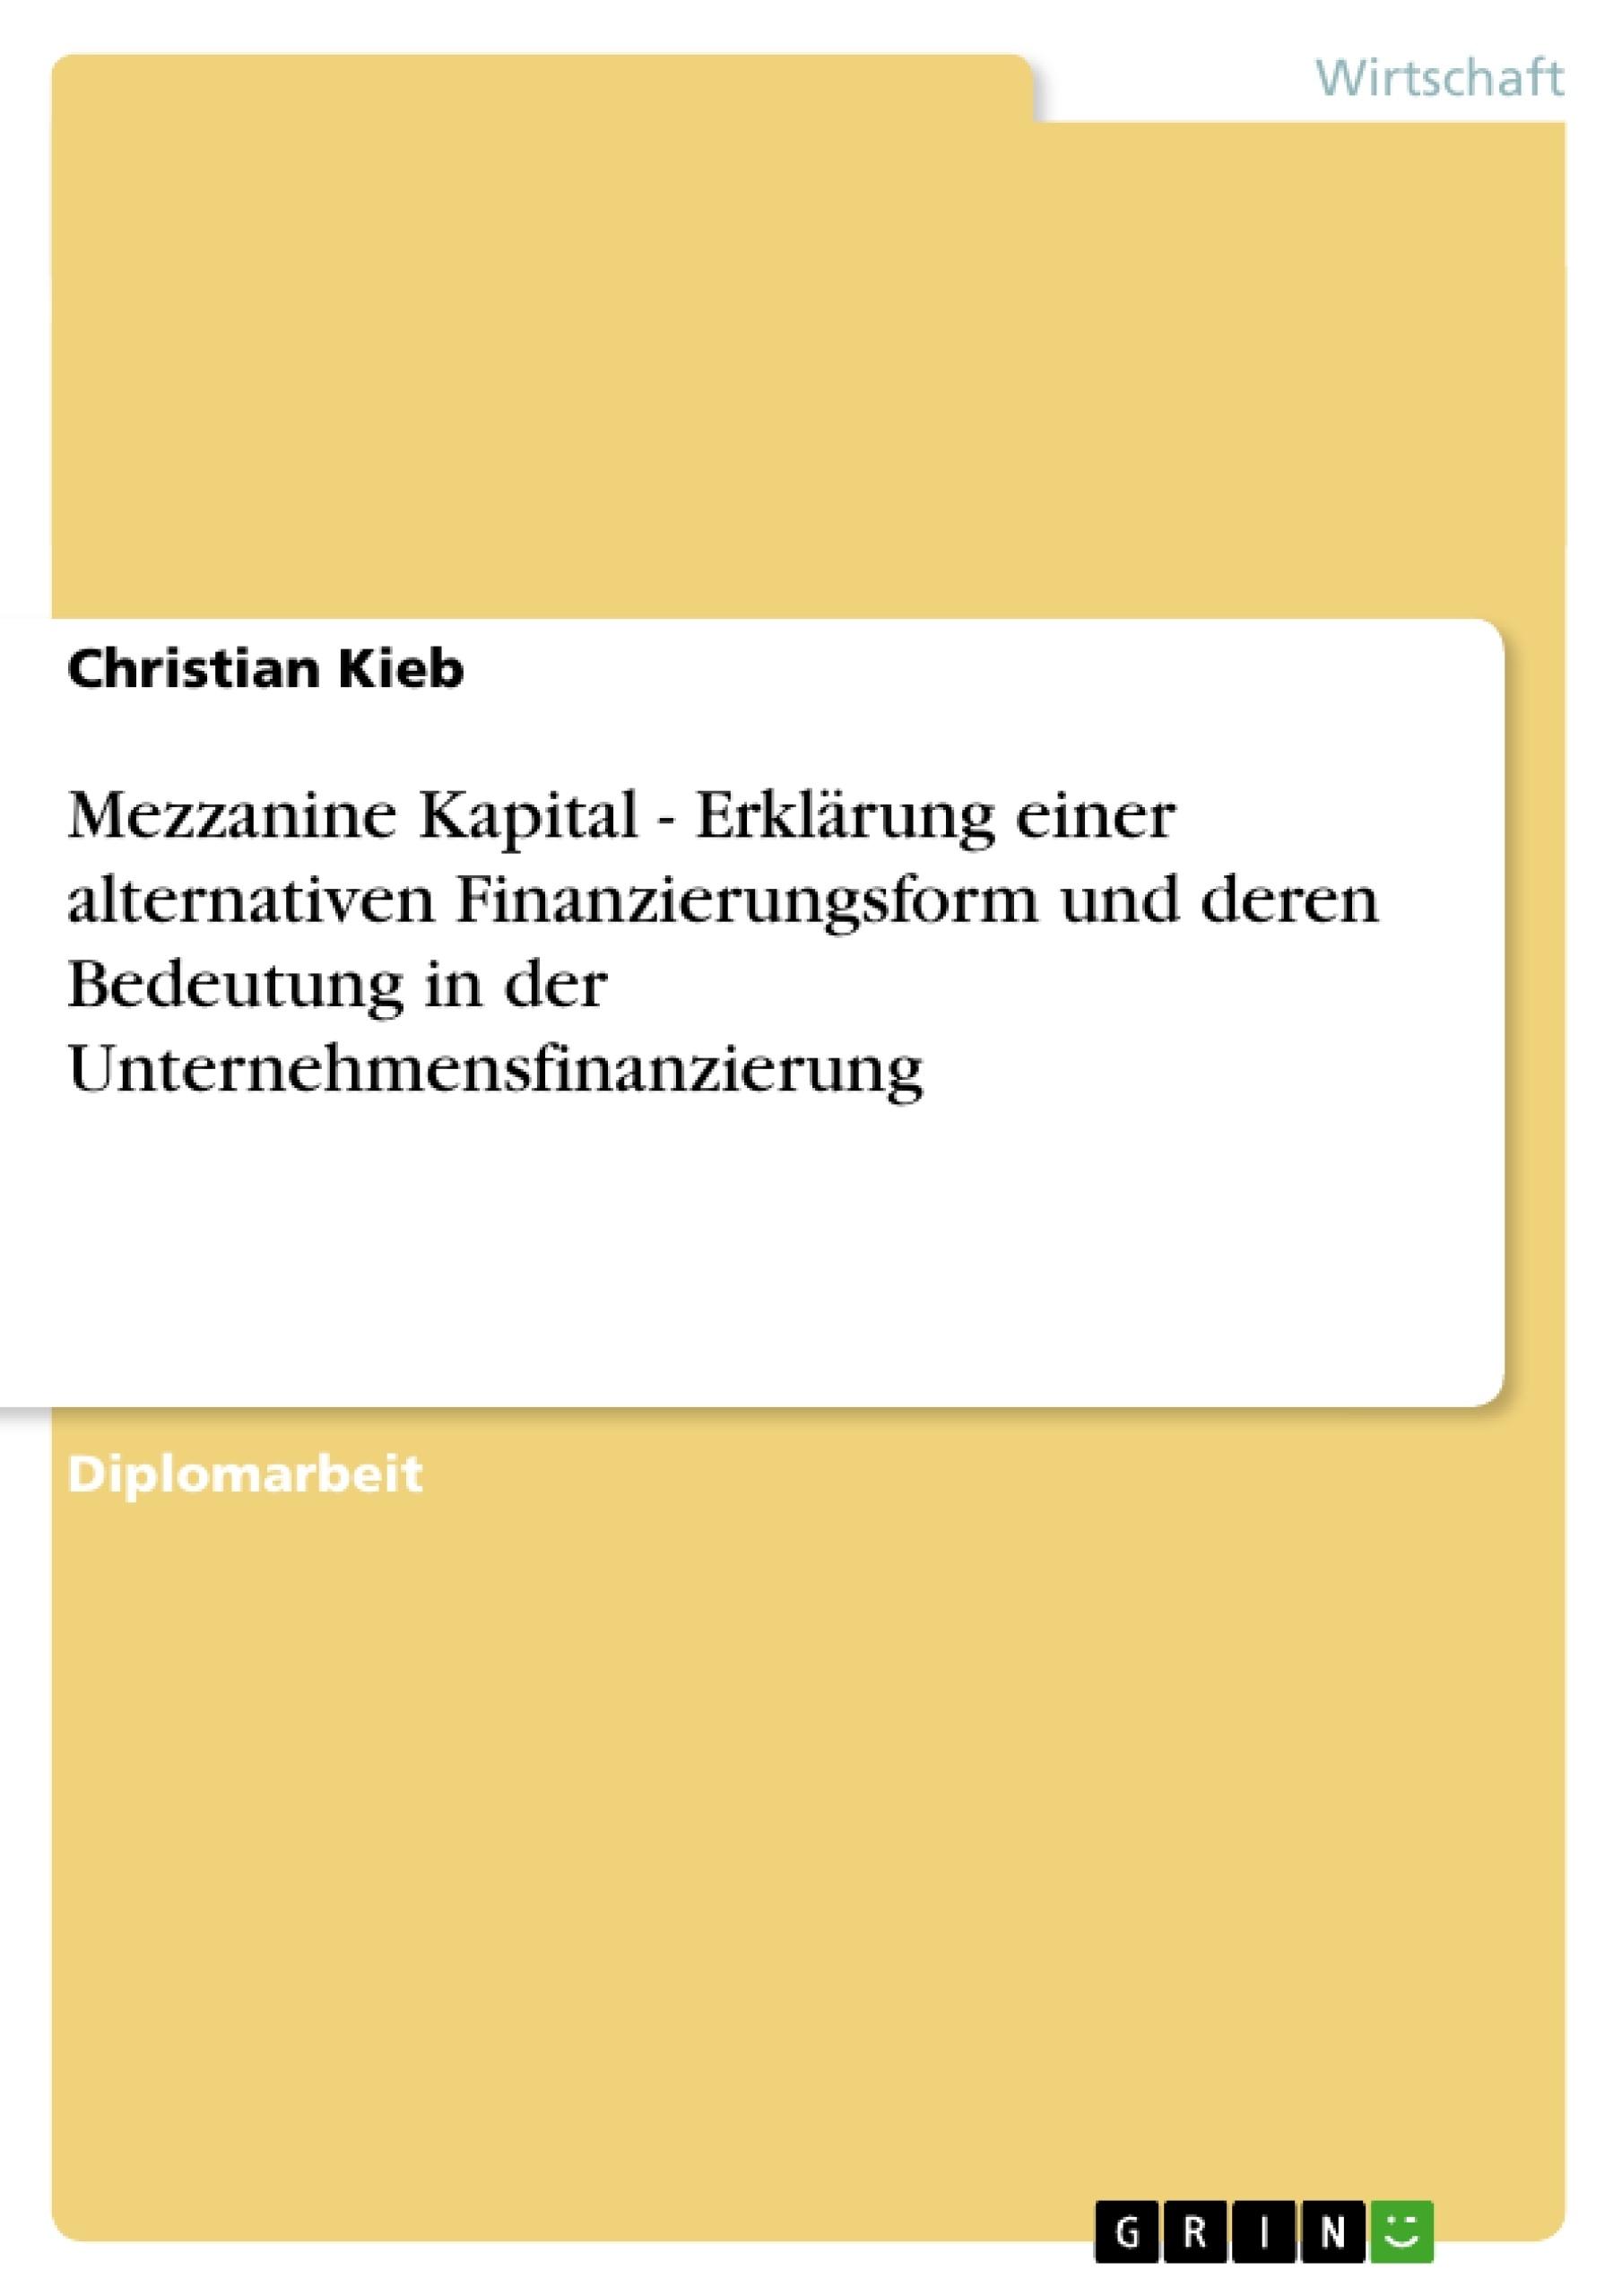 Titel: Mezzanine Kapital - Erklärung einer alternativen Finanzierungsform und deren Bedeutung in der Unternehmensfinanzierung